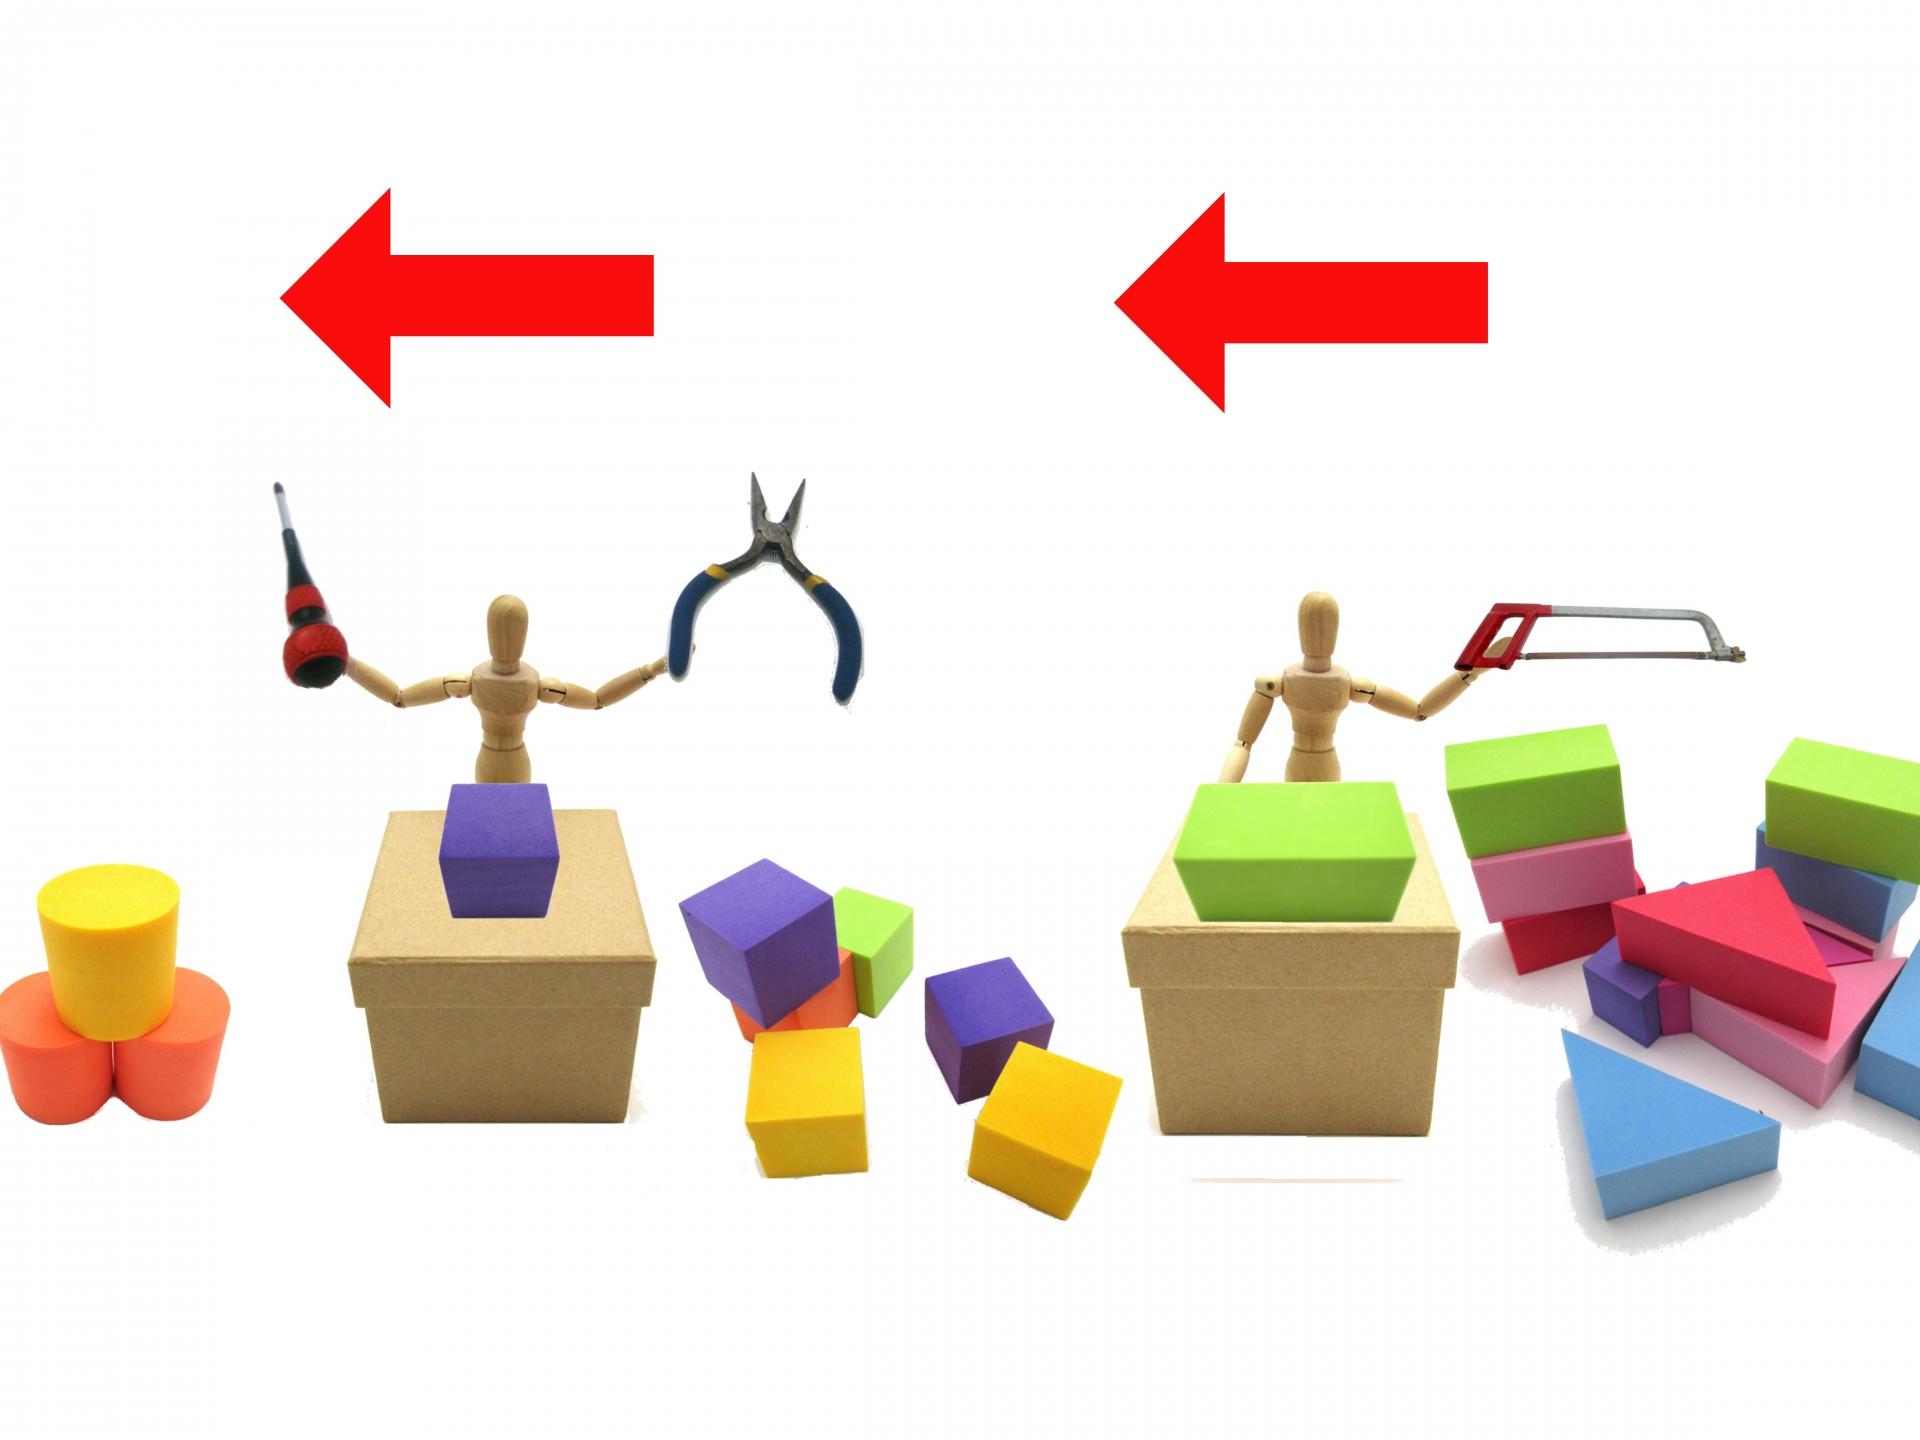 品質マニュアルを理解する プロセスアプローチ